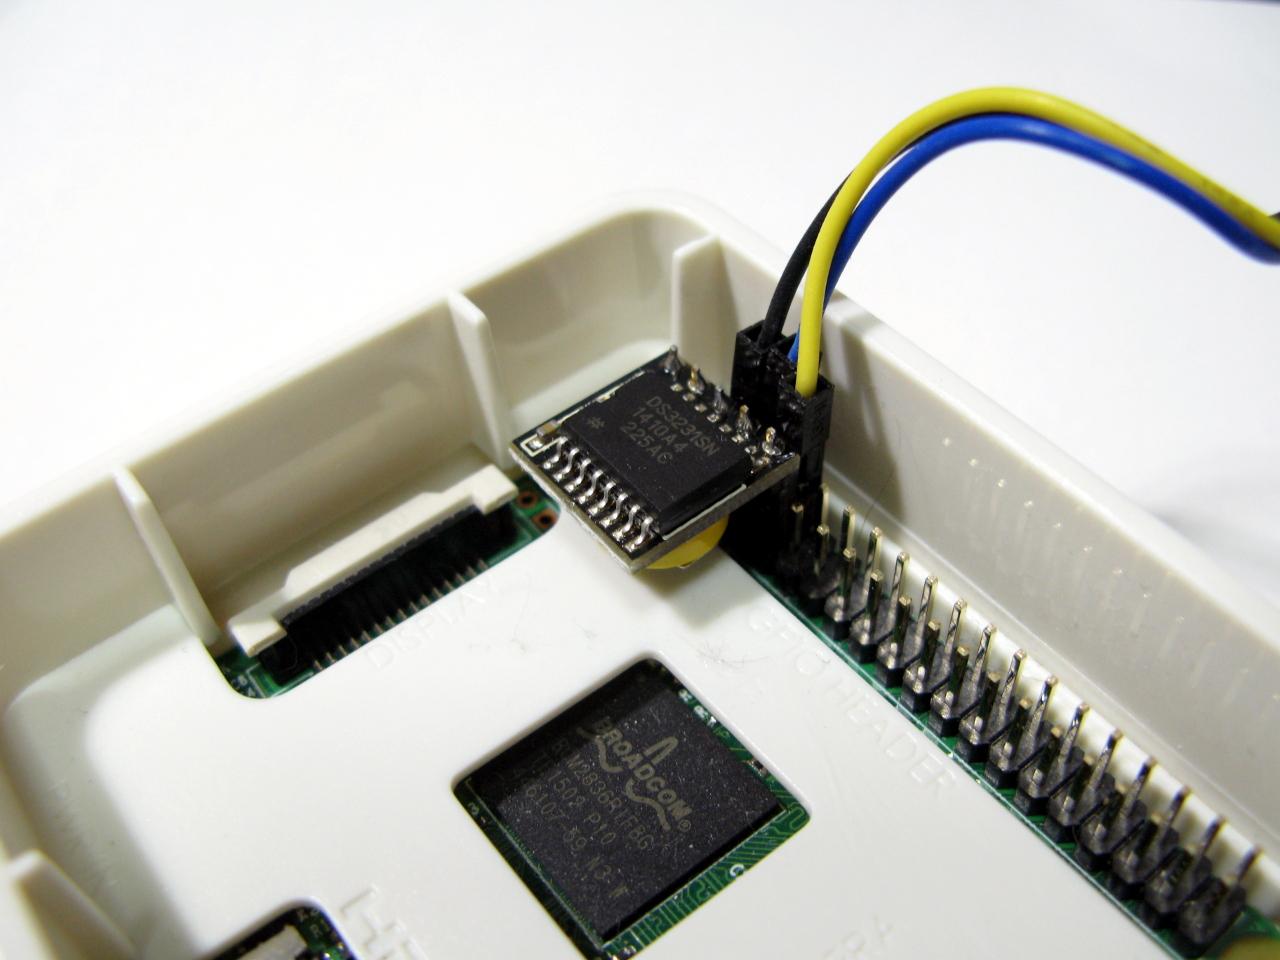 ミニRTCをRaspberry Pi 2に挿してみた.